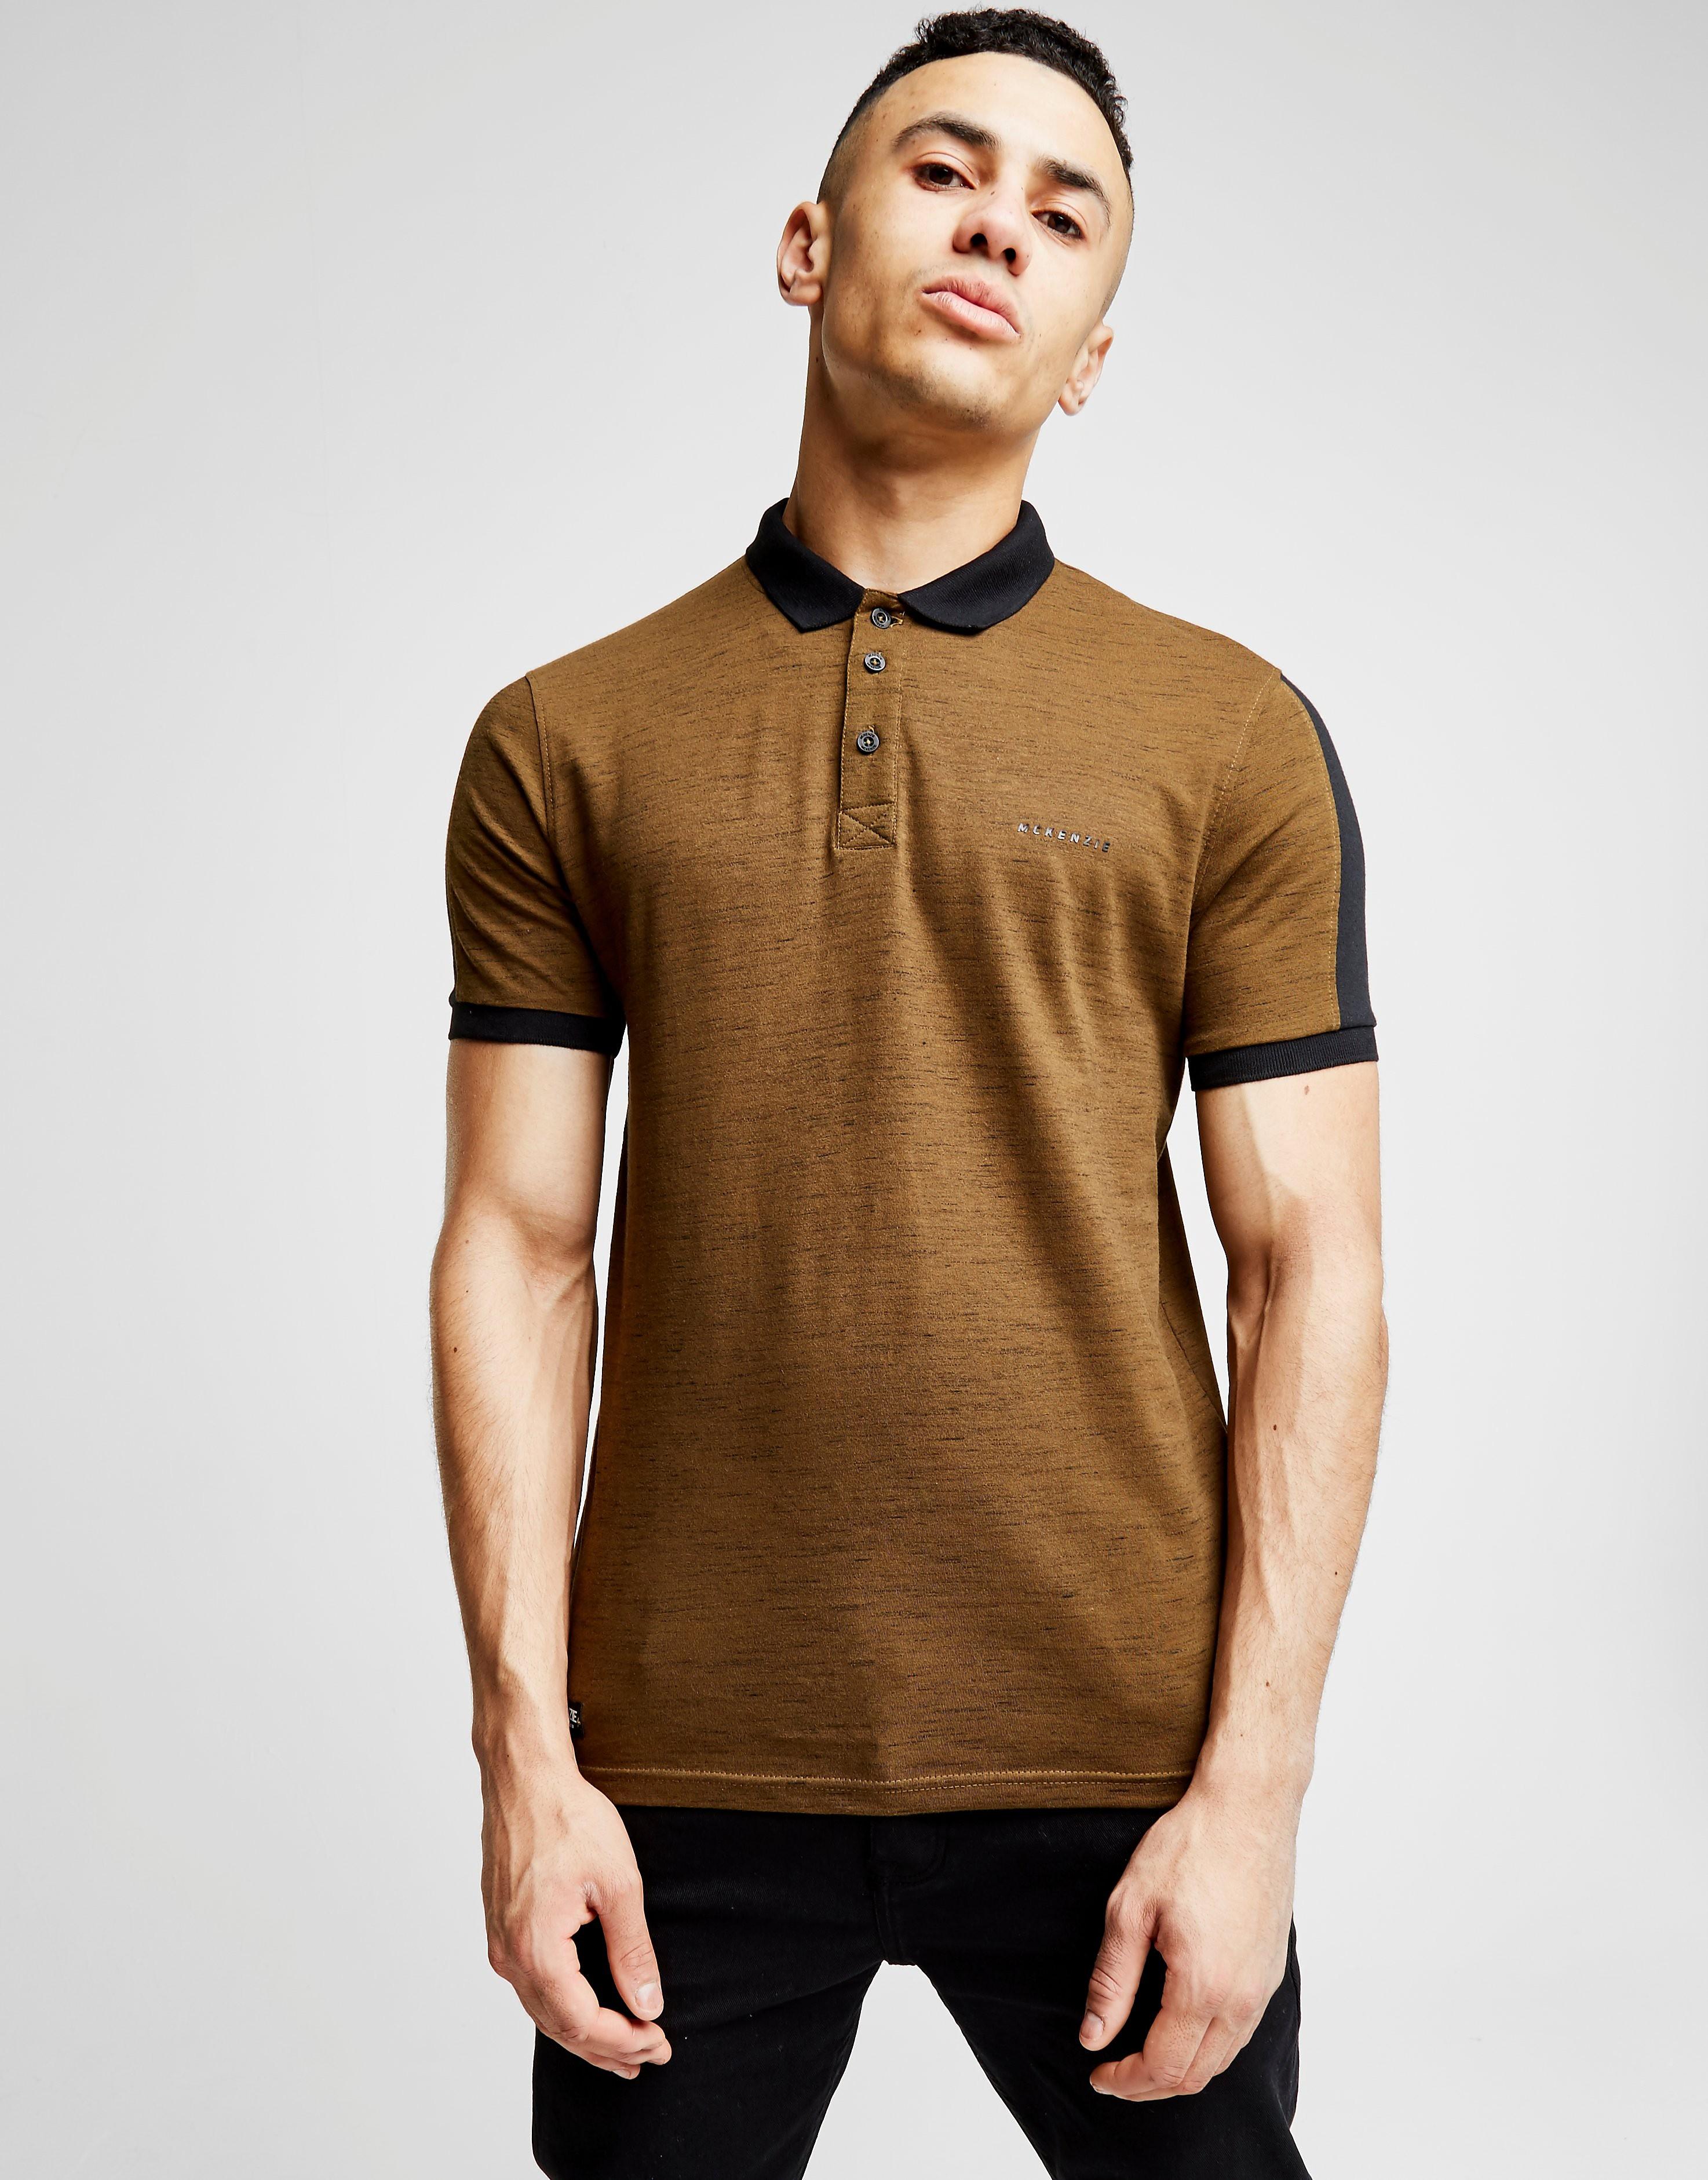 McKenzie Pathfinder Polo Shirt